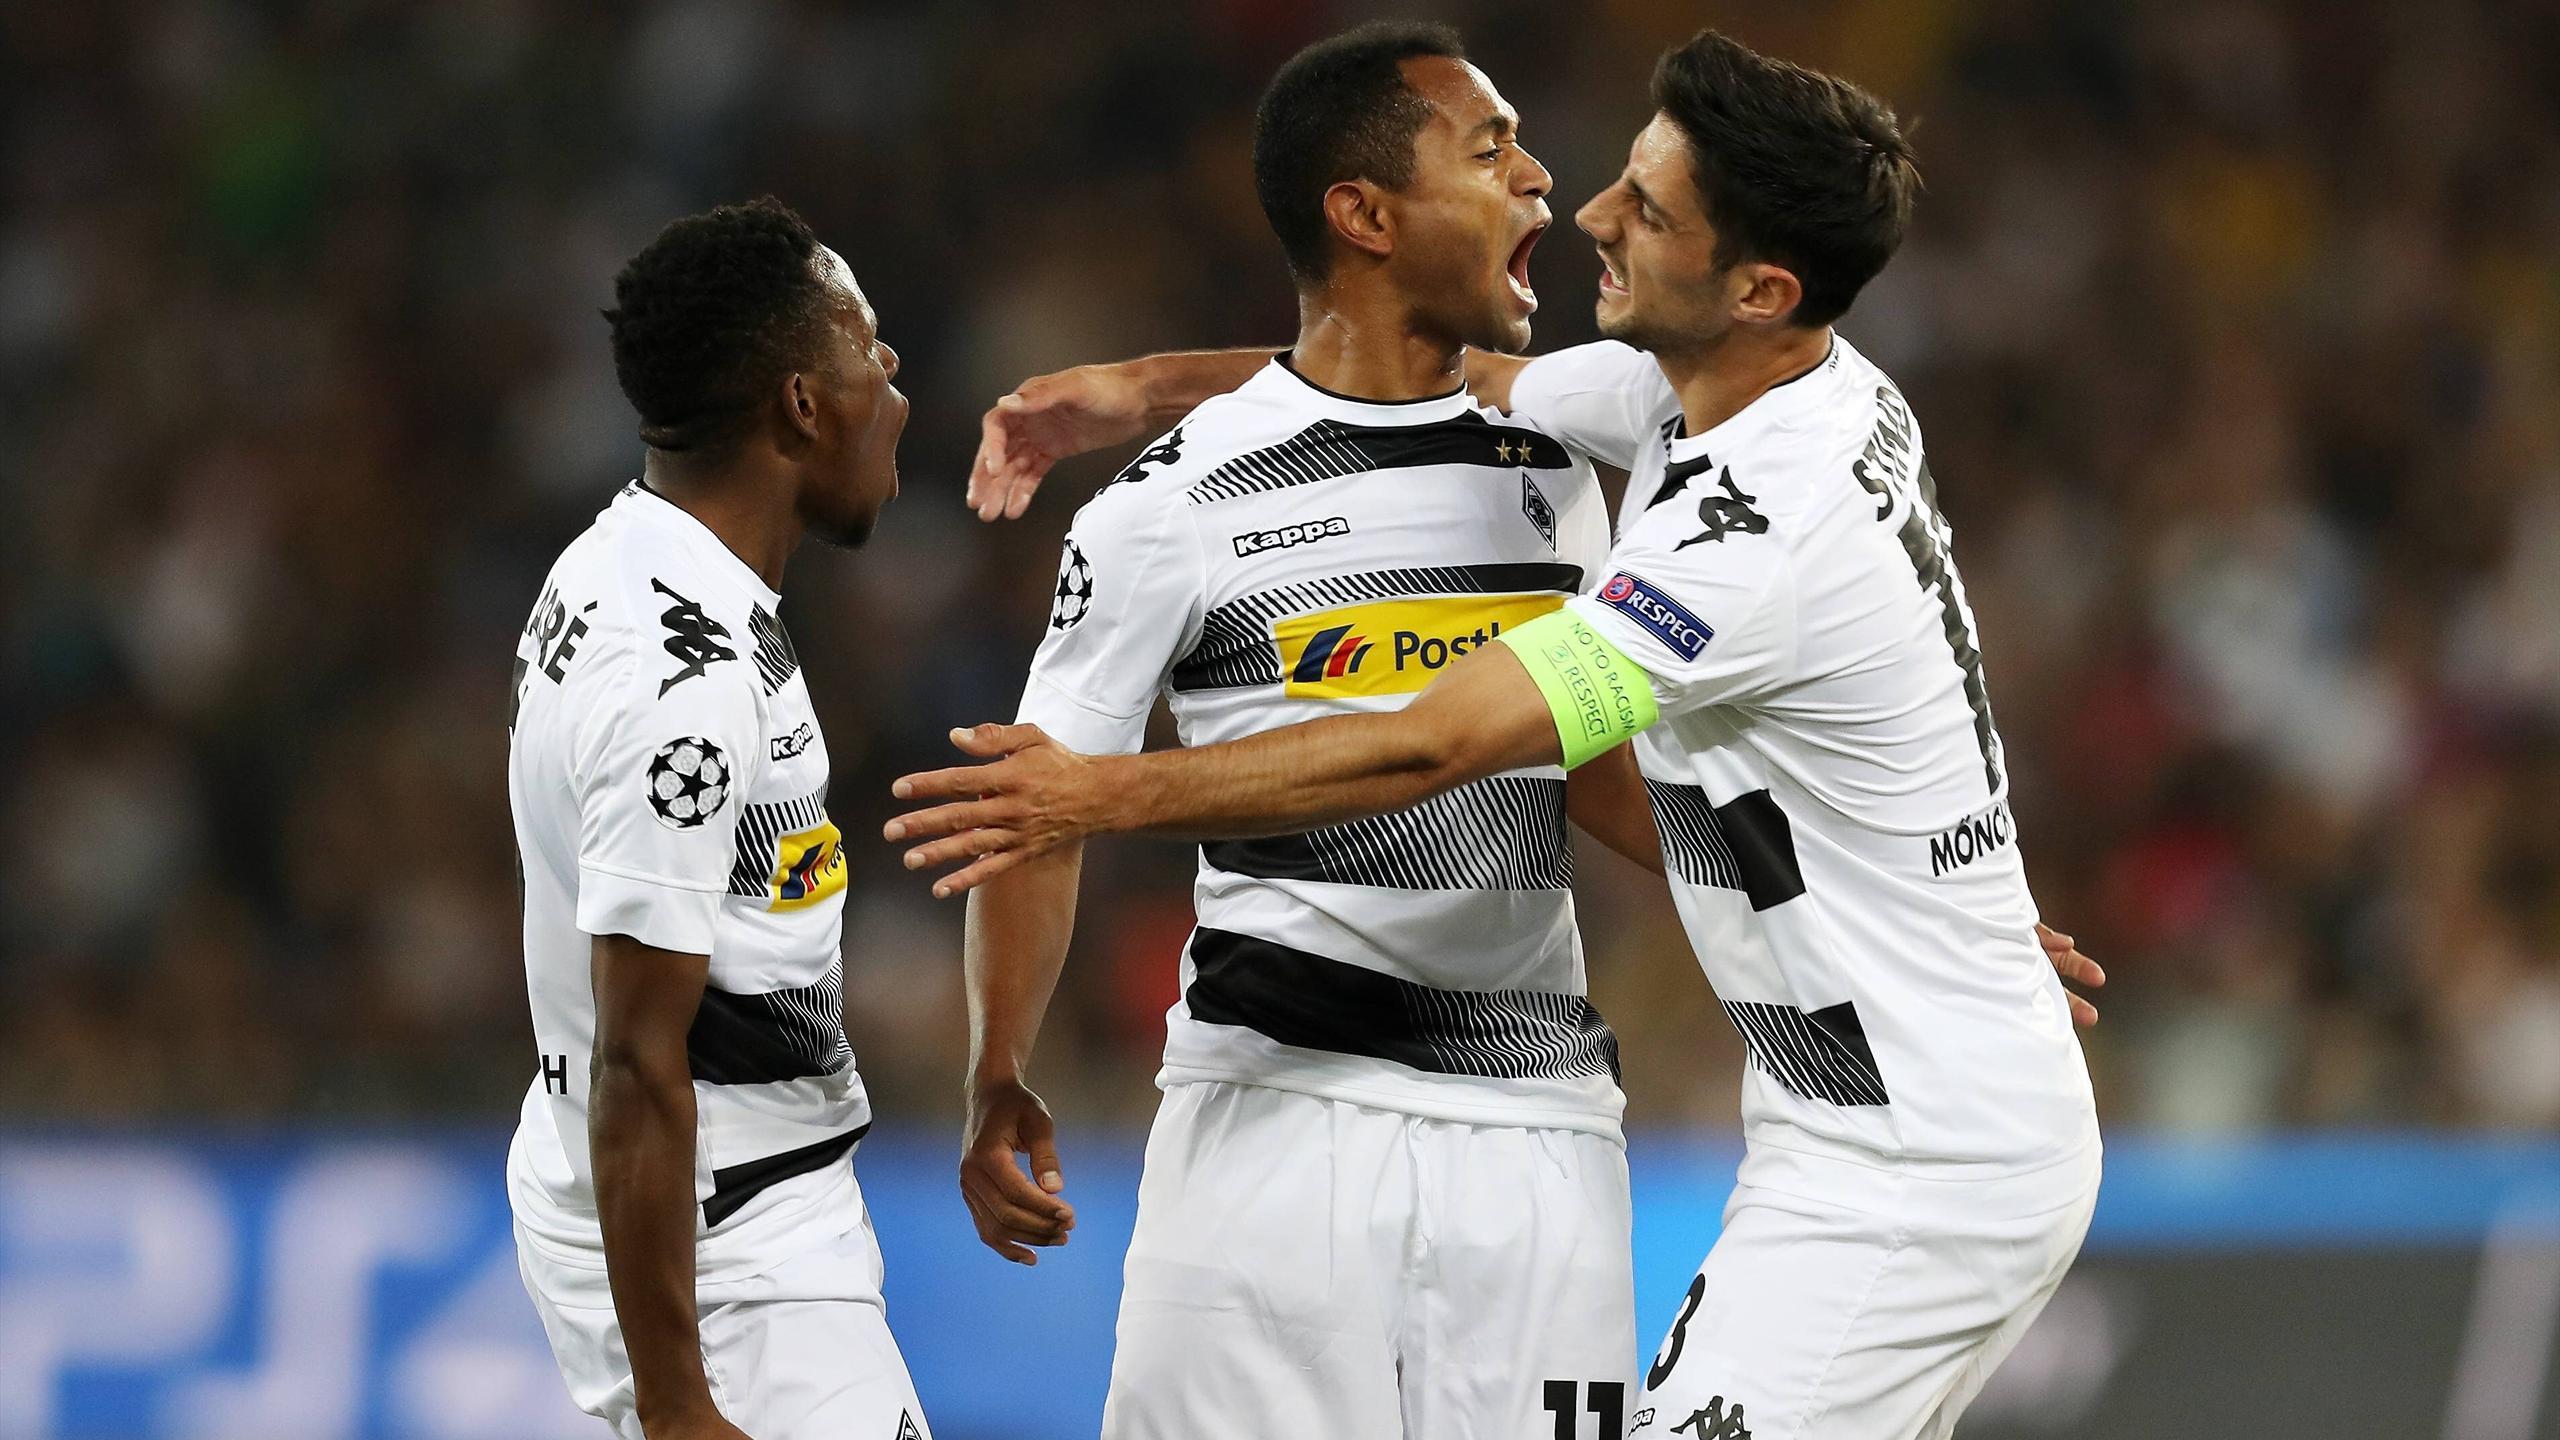 Raffael und Lars Stindl bejubeln einen Treffer für Borussia Mönchengladbach